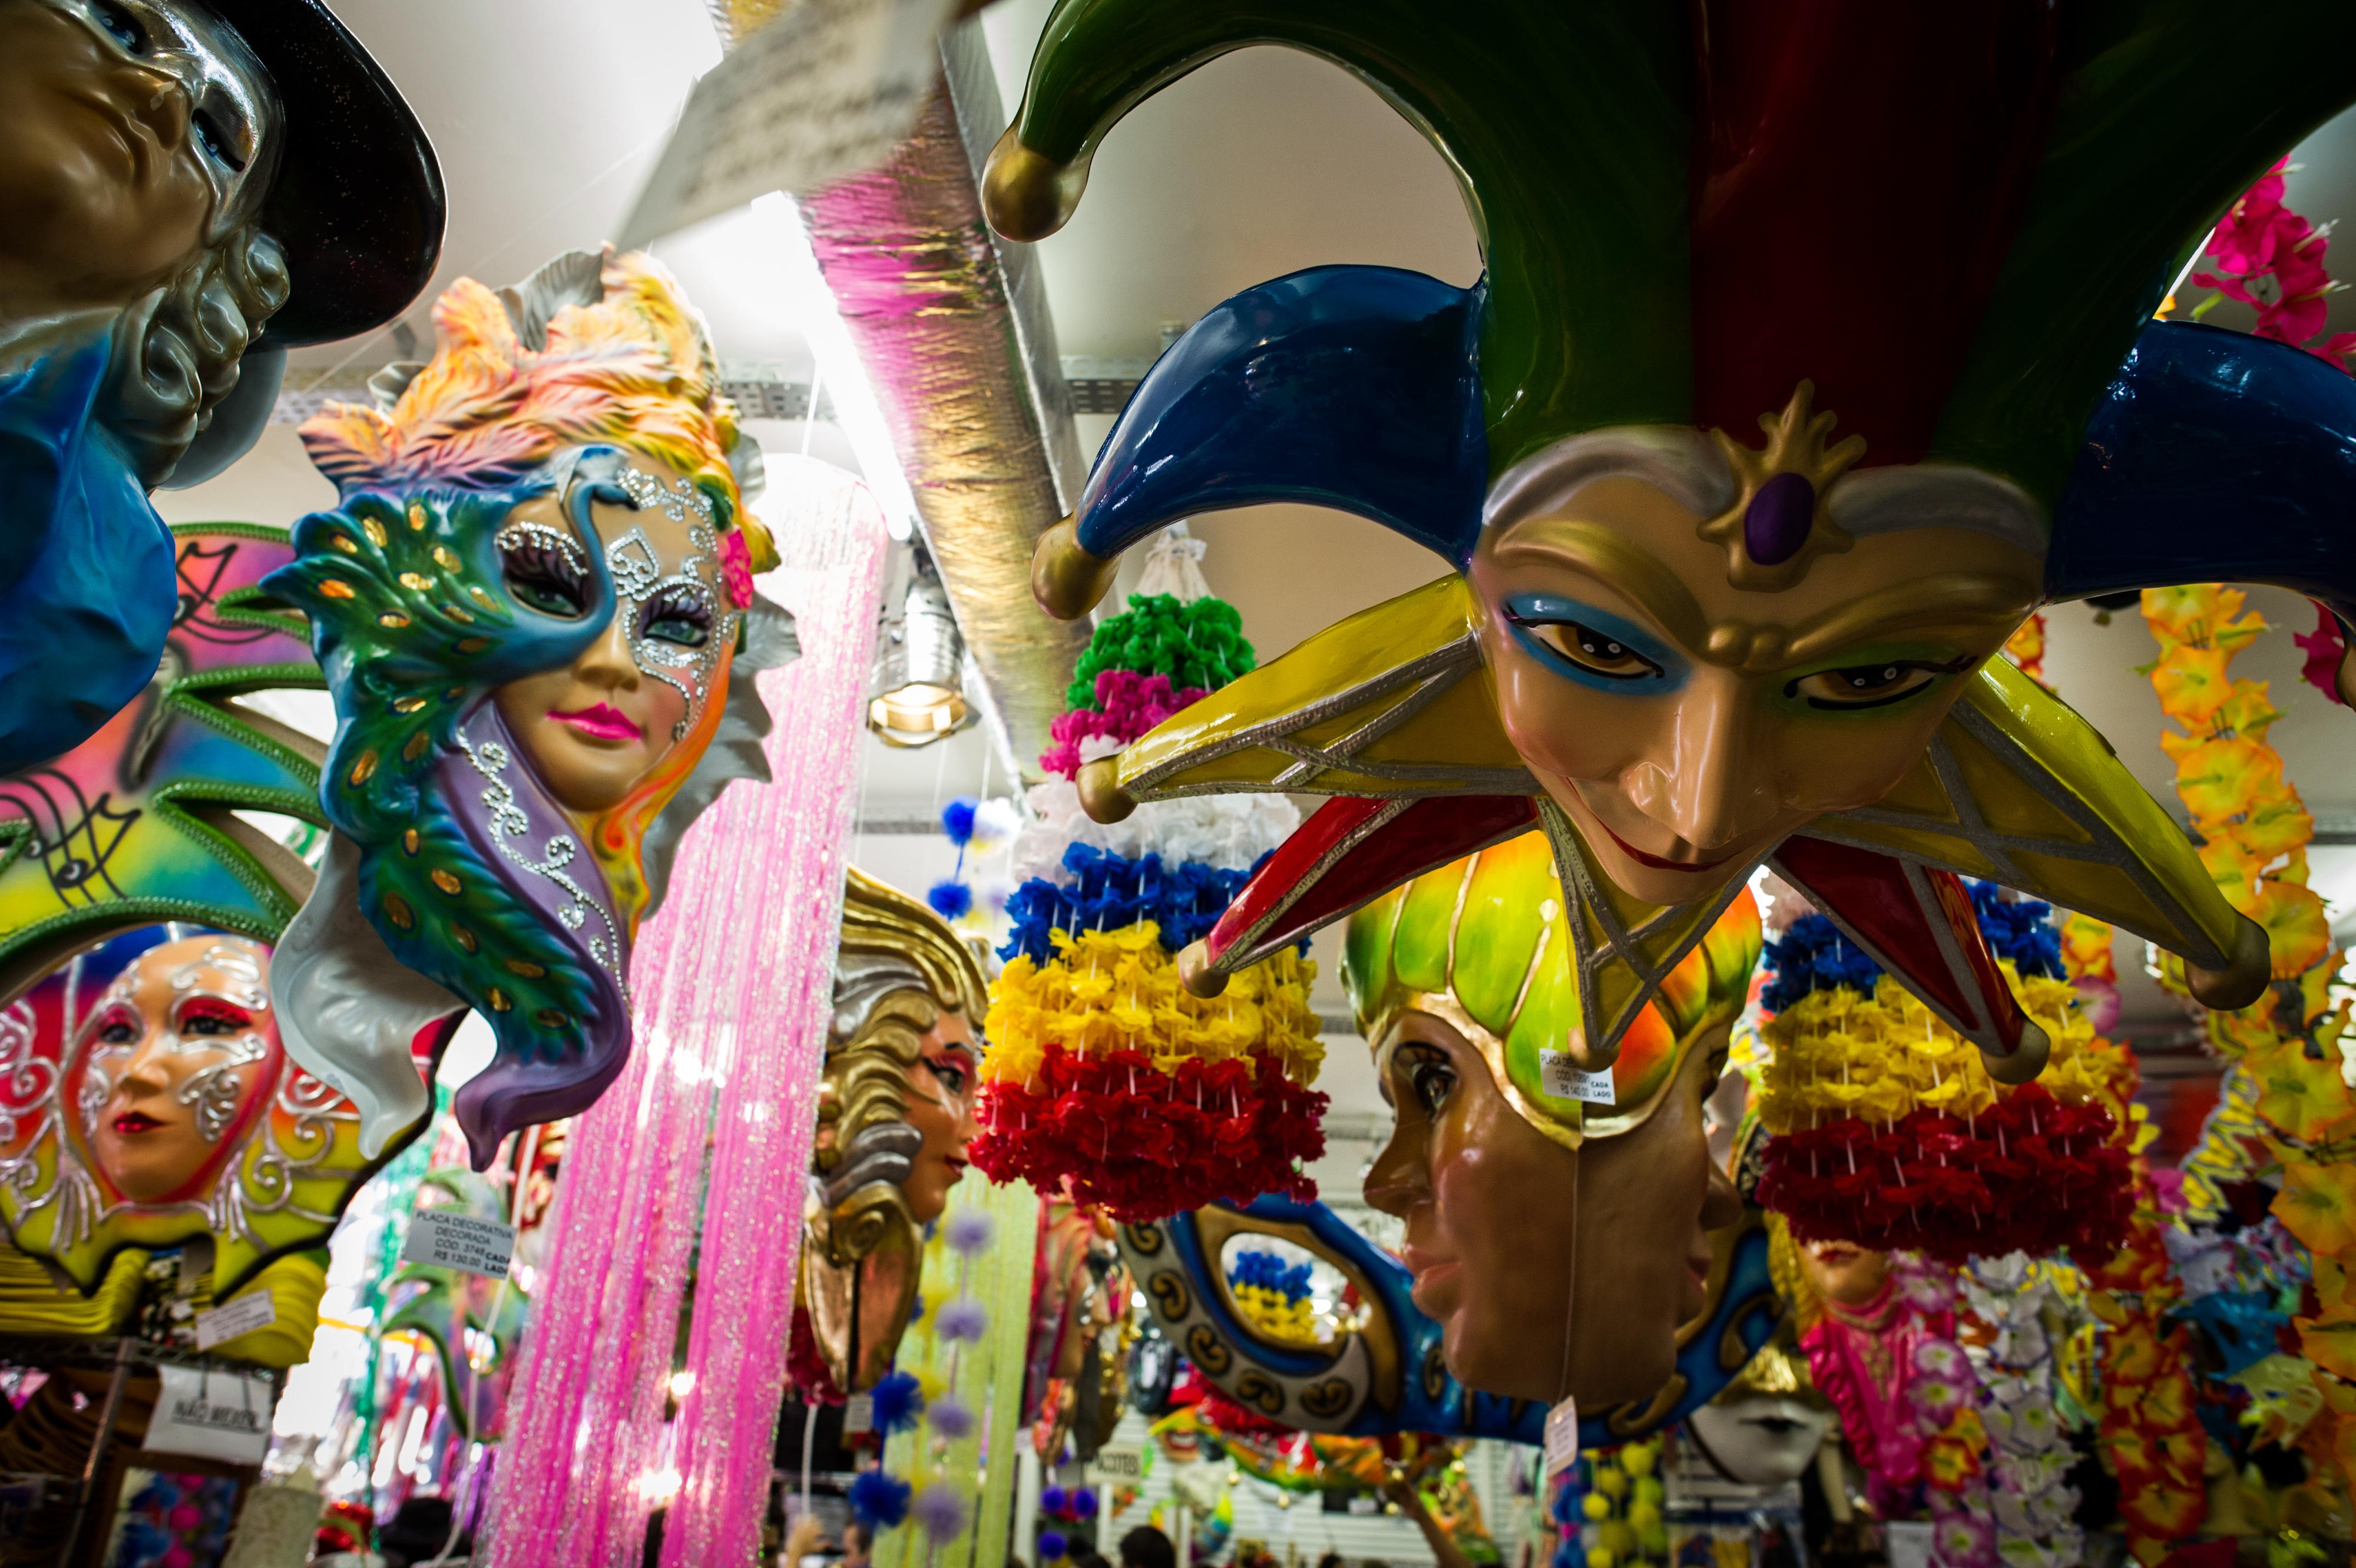 Carnevale idee per addobbi fai da te e decorazioni - Decorazioni per torte di carnevale ...